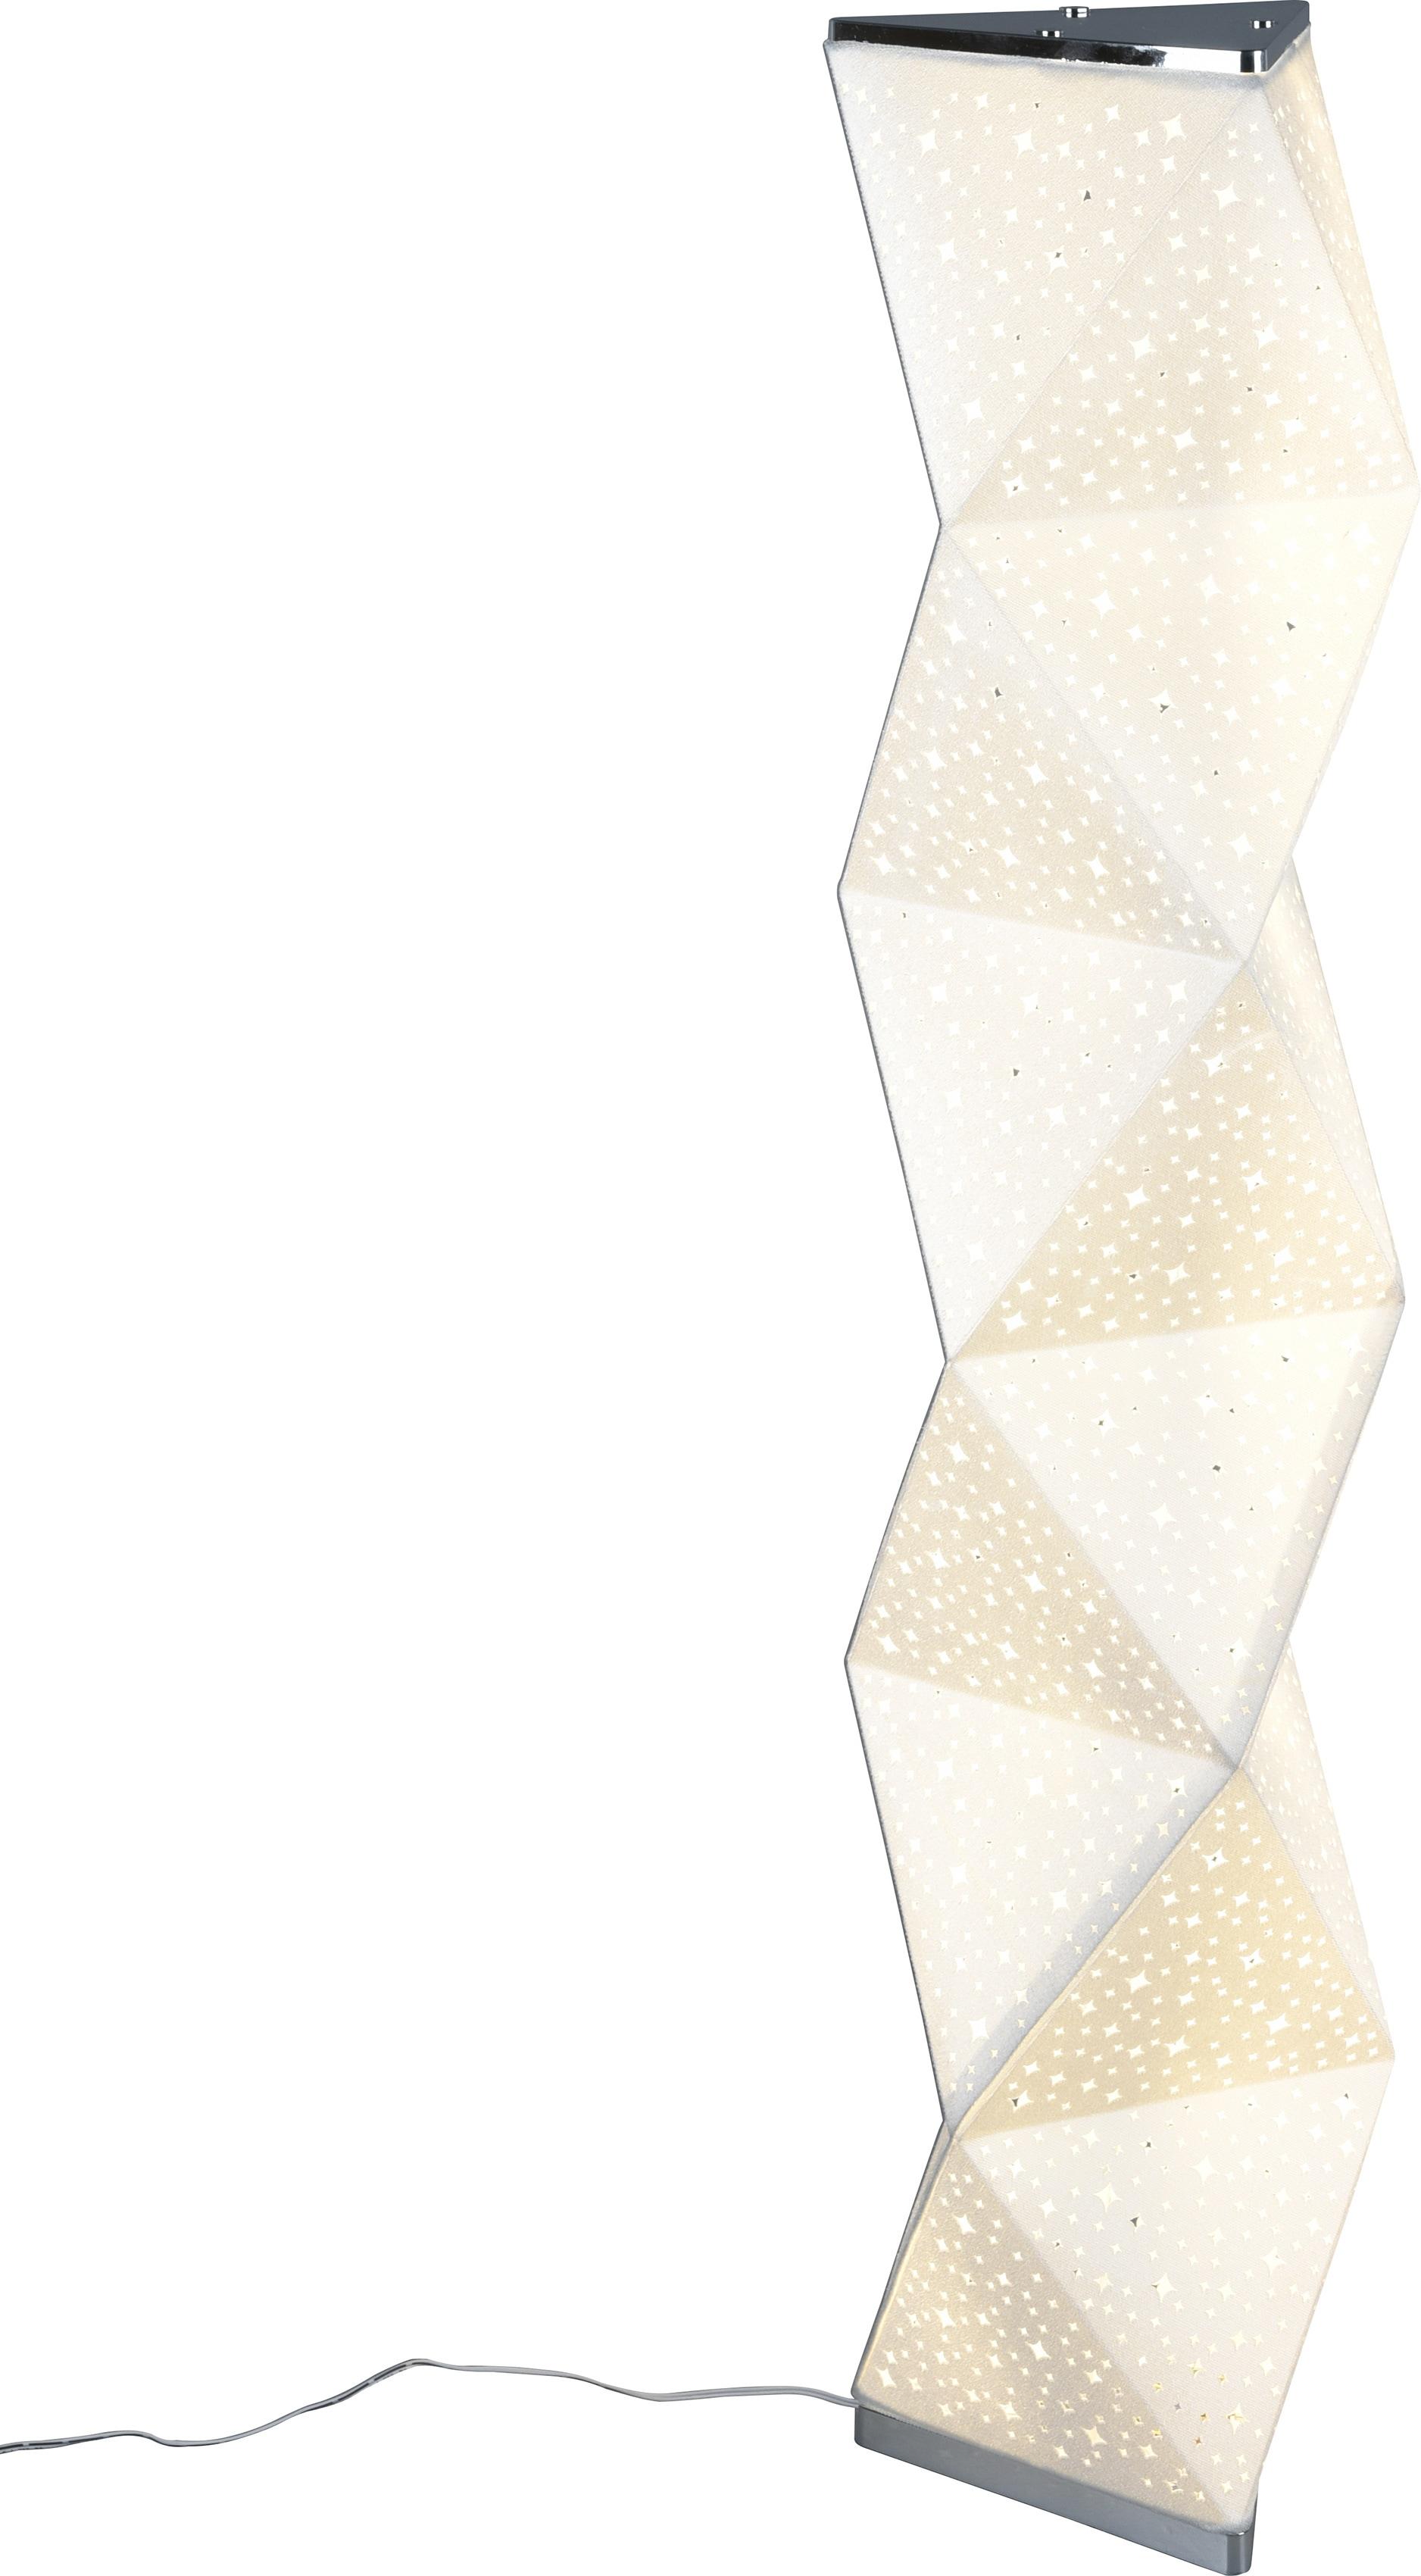 TRIO Leuchten LED Stehlampe SUMA, LED Stehleuchte mit Fußschalter, LED-Modul, 1 St., Warmweiß, inkl. Fernbedienung, integrierter Dimmer, RGBW-Farbwechsler, Memory Funktion über Fernbedienung